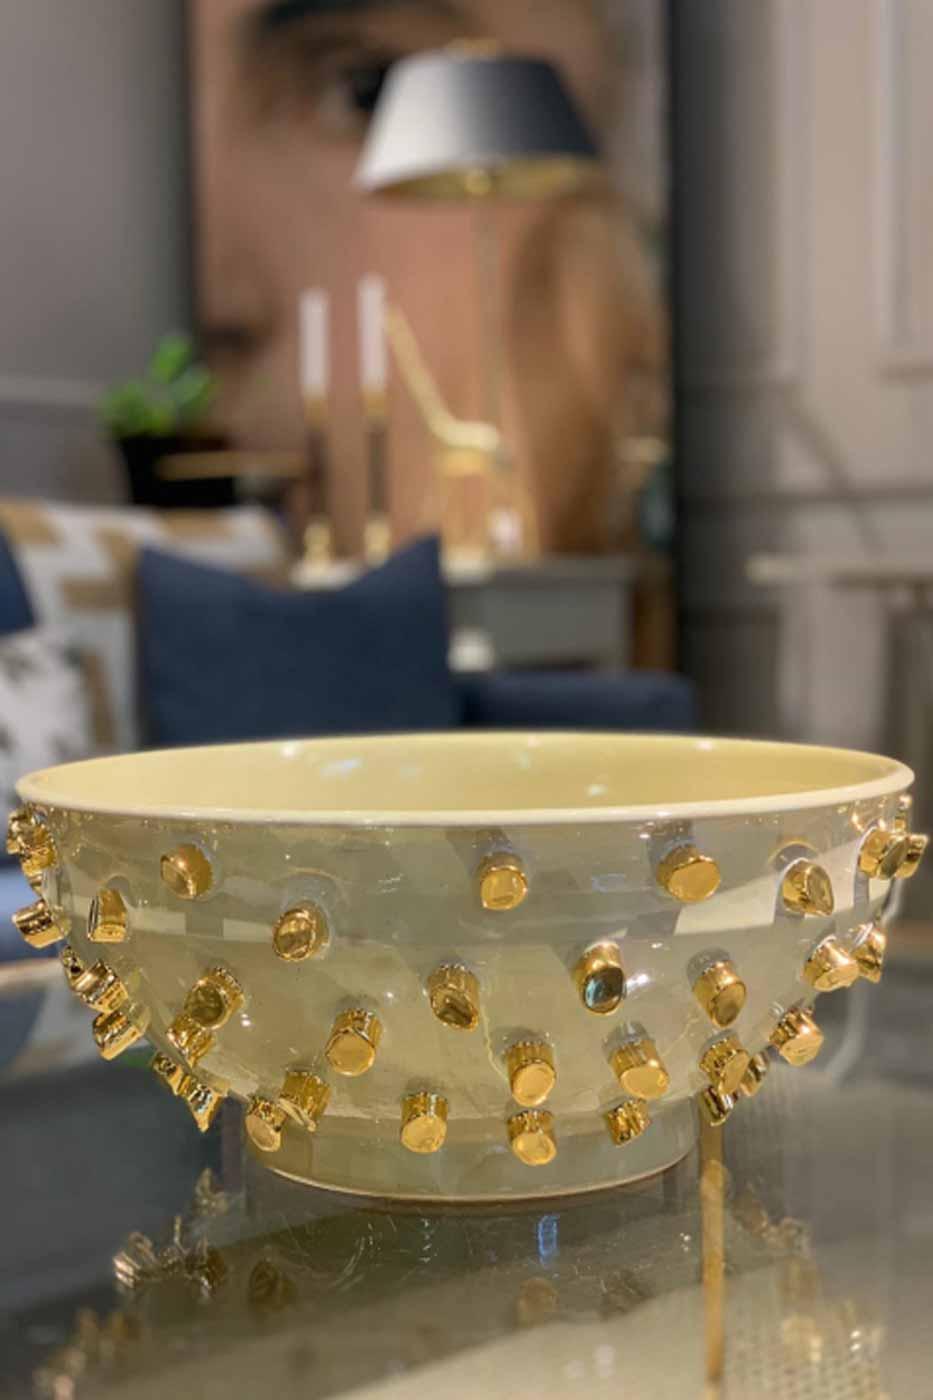 Skål gul med guld dekoration